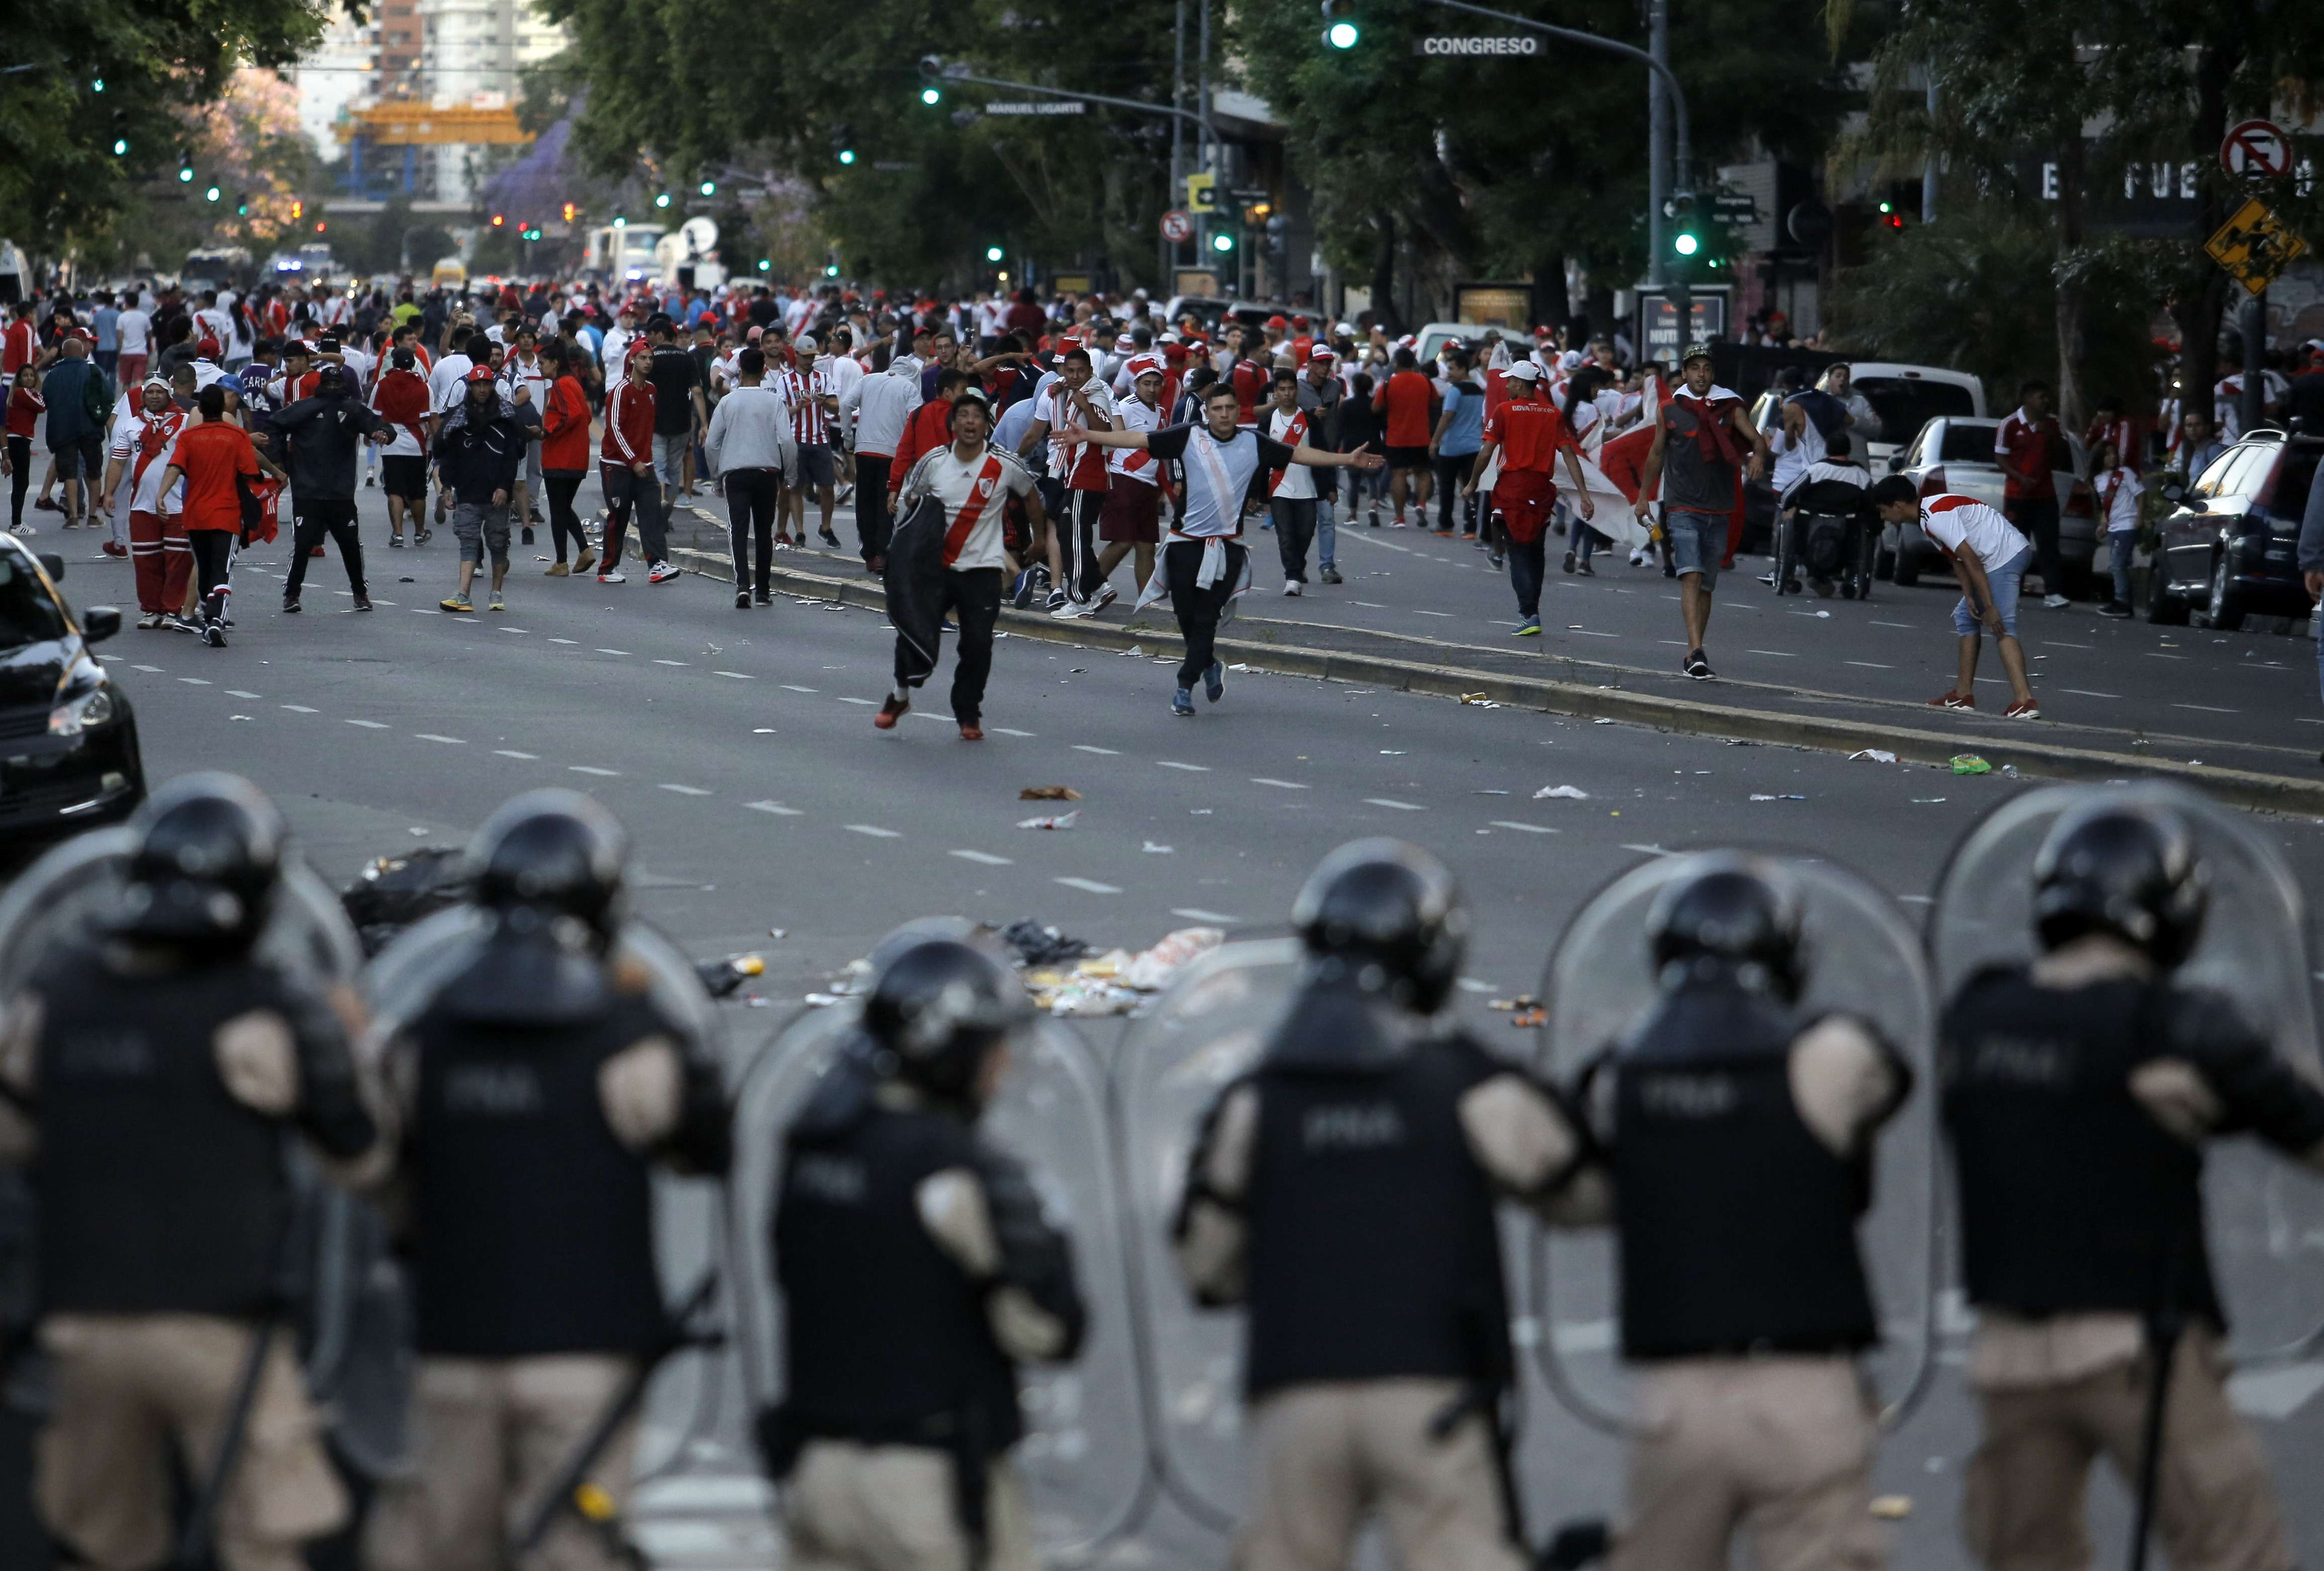 CONMEBOL: Boca-River en Madrid no se repetirá